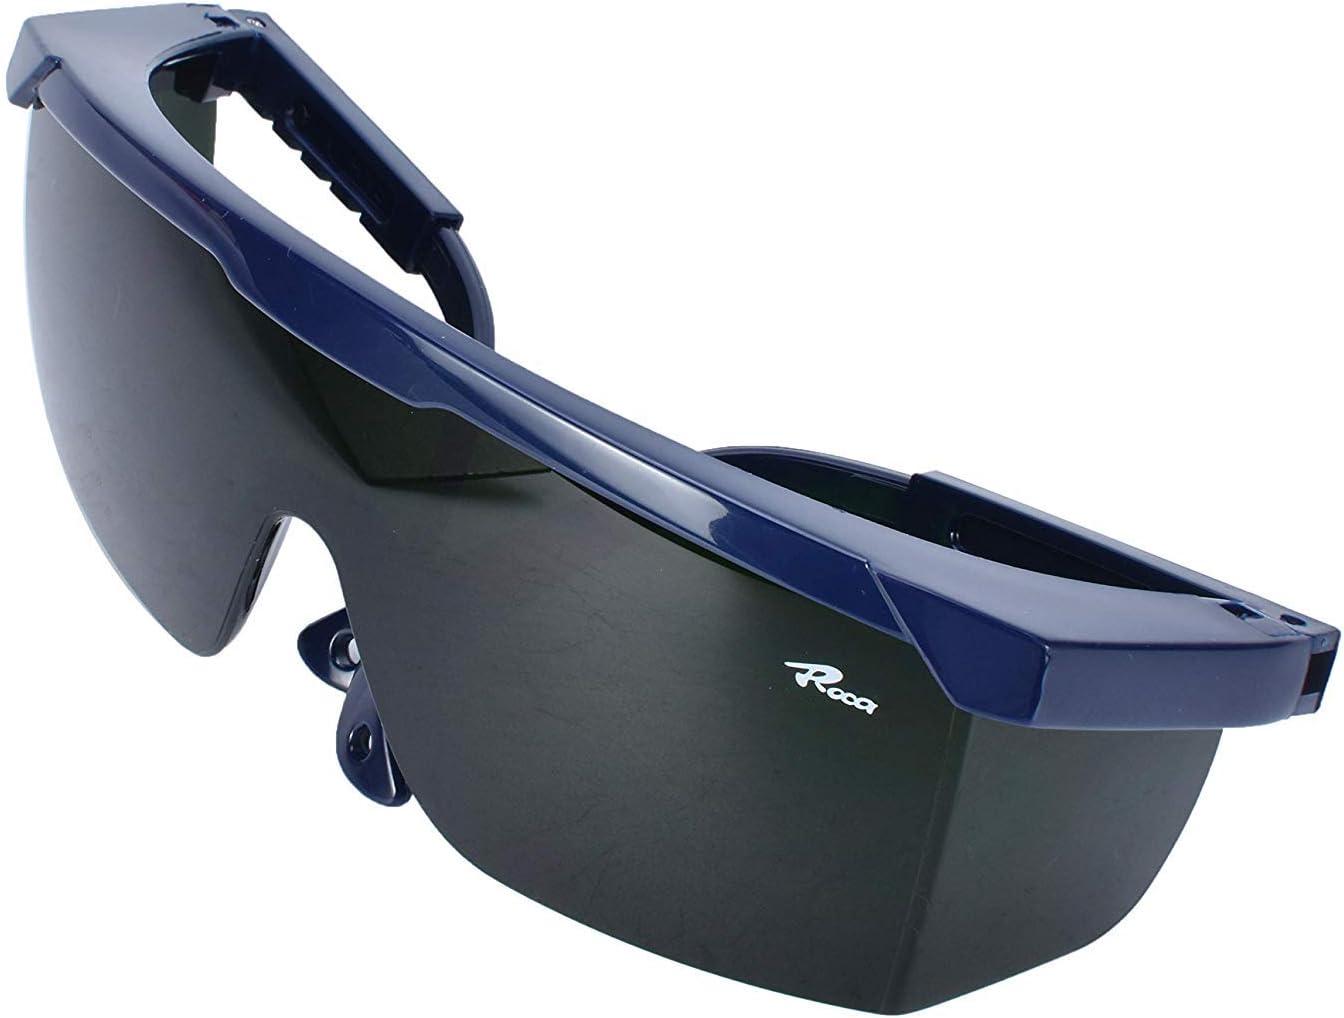 mufly Gafas de soldar , Electrodos Soldadura Gafas de Seguridad Gafas de Seguridad Laboral